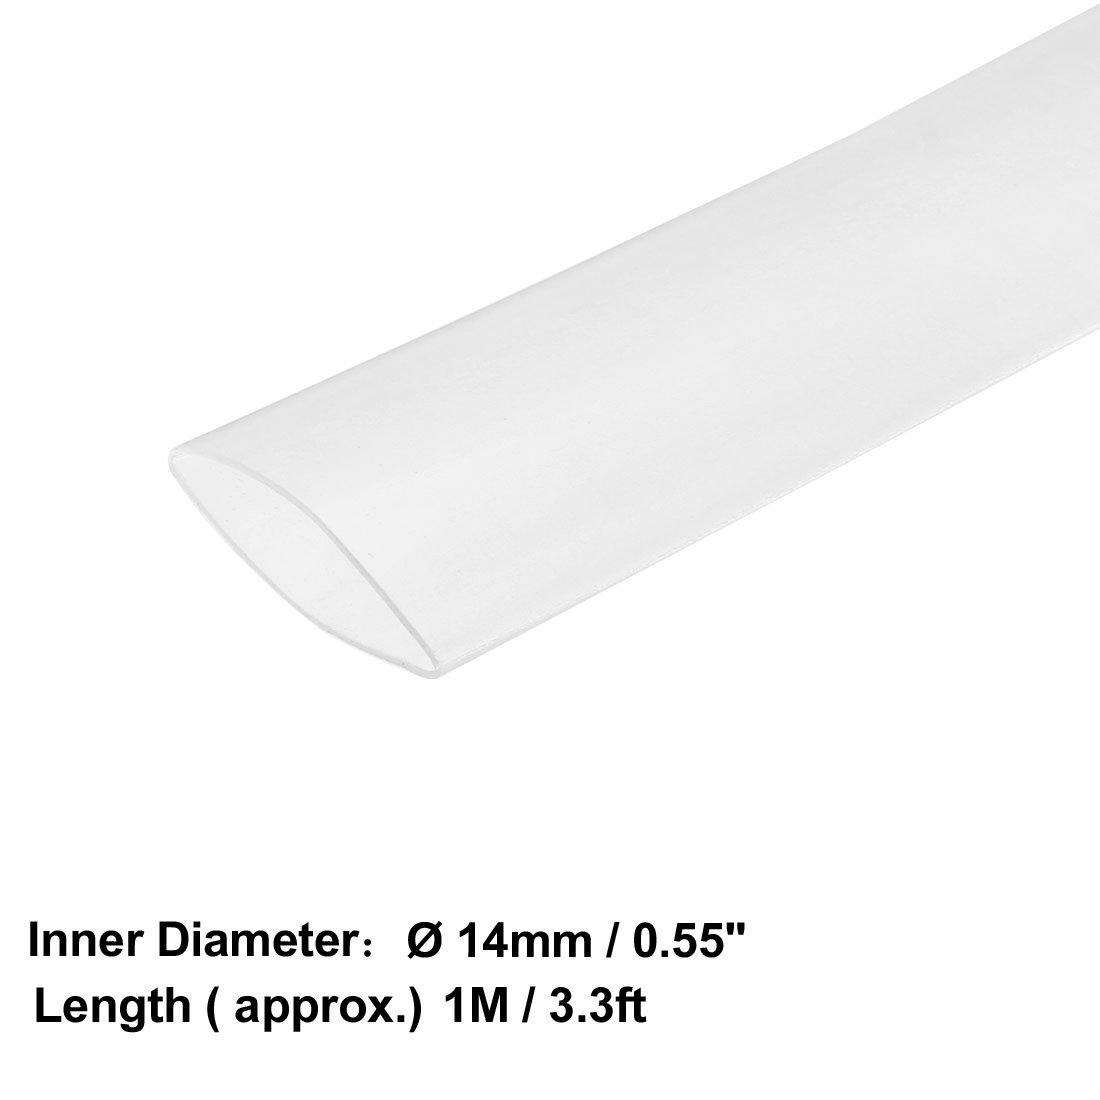 Tube Thermor/étractables 2 1 Tubes Isolation /électrique Vert 18mm Dia Long 1m